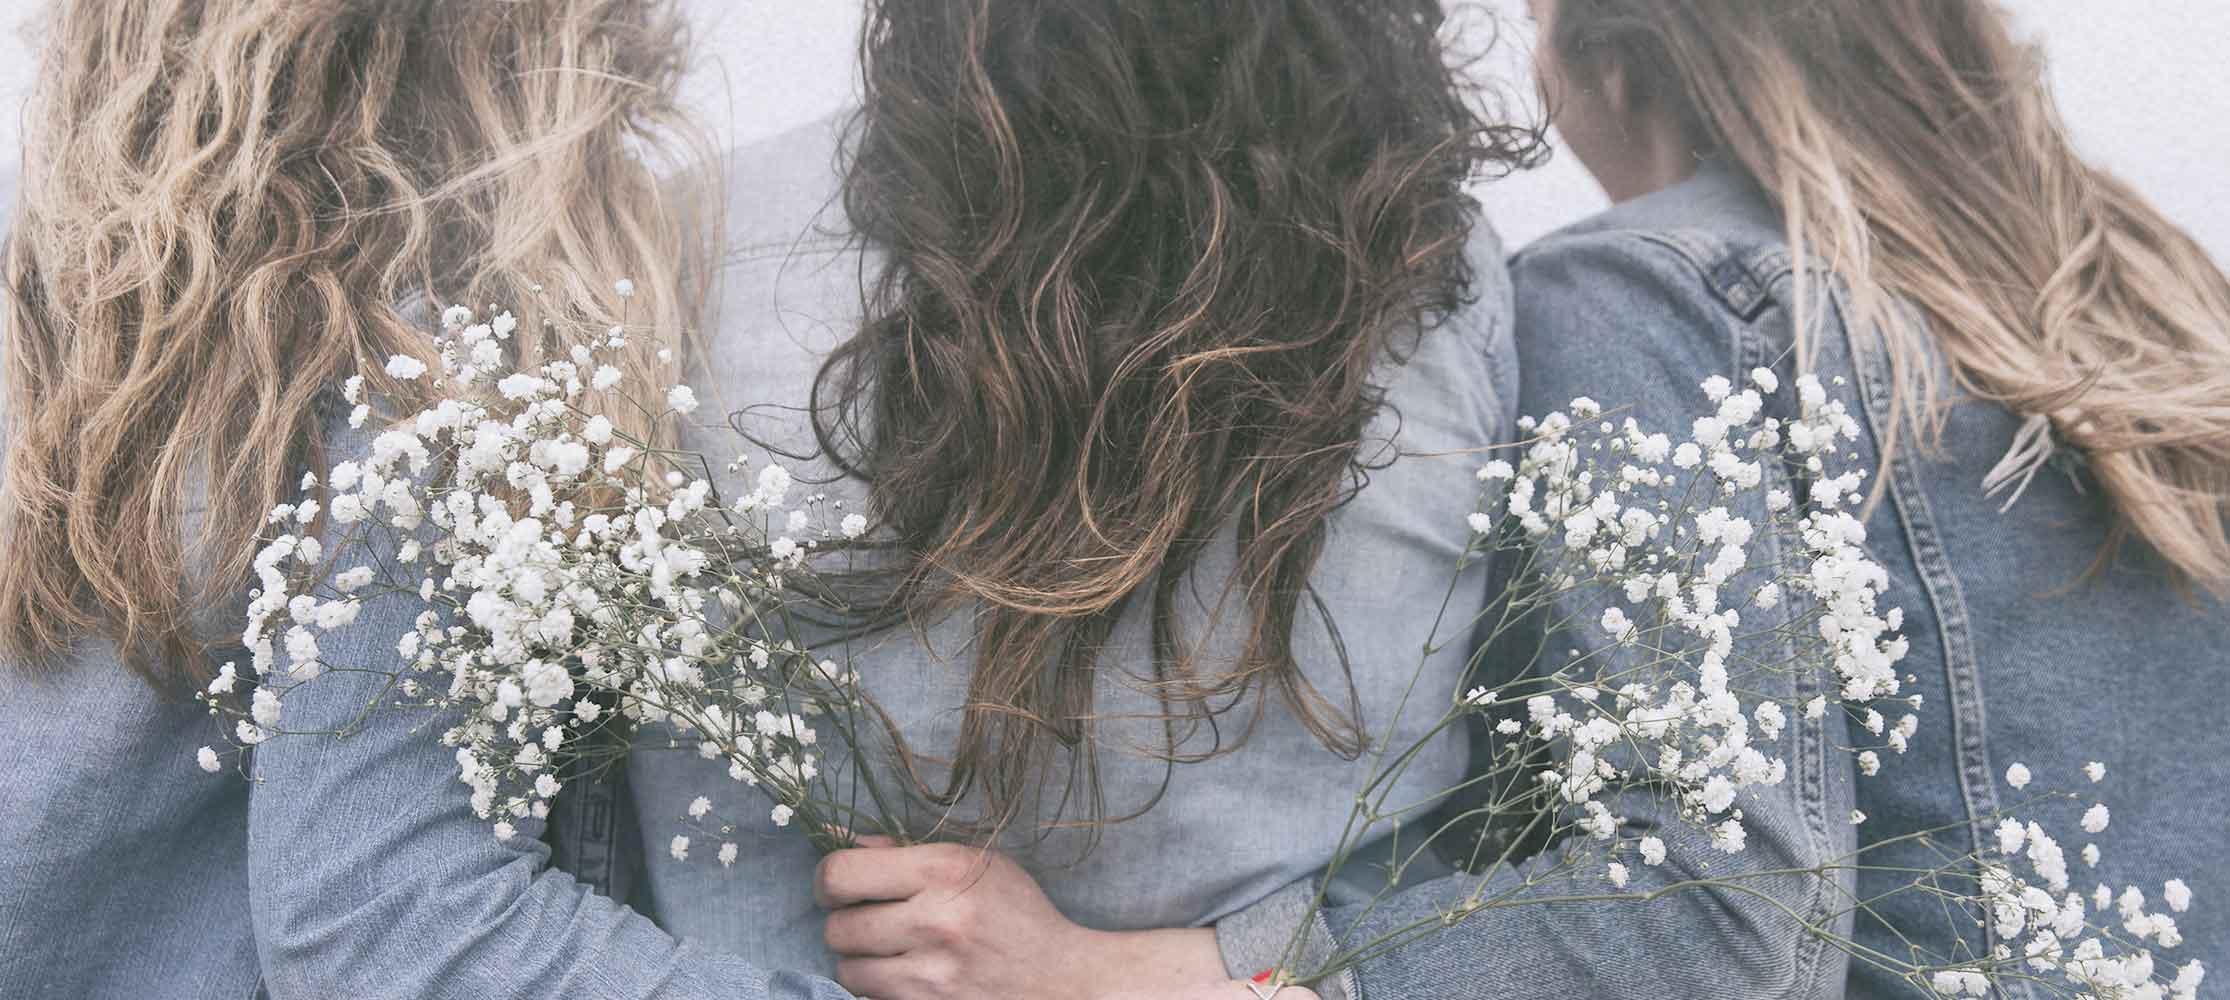 Freundinnen umarmen sich Ladies-Lounge